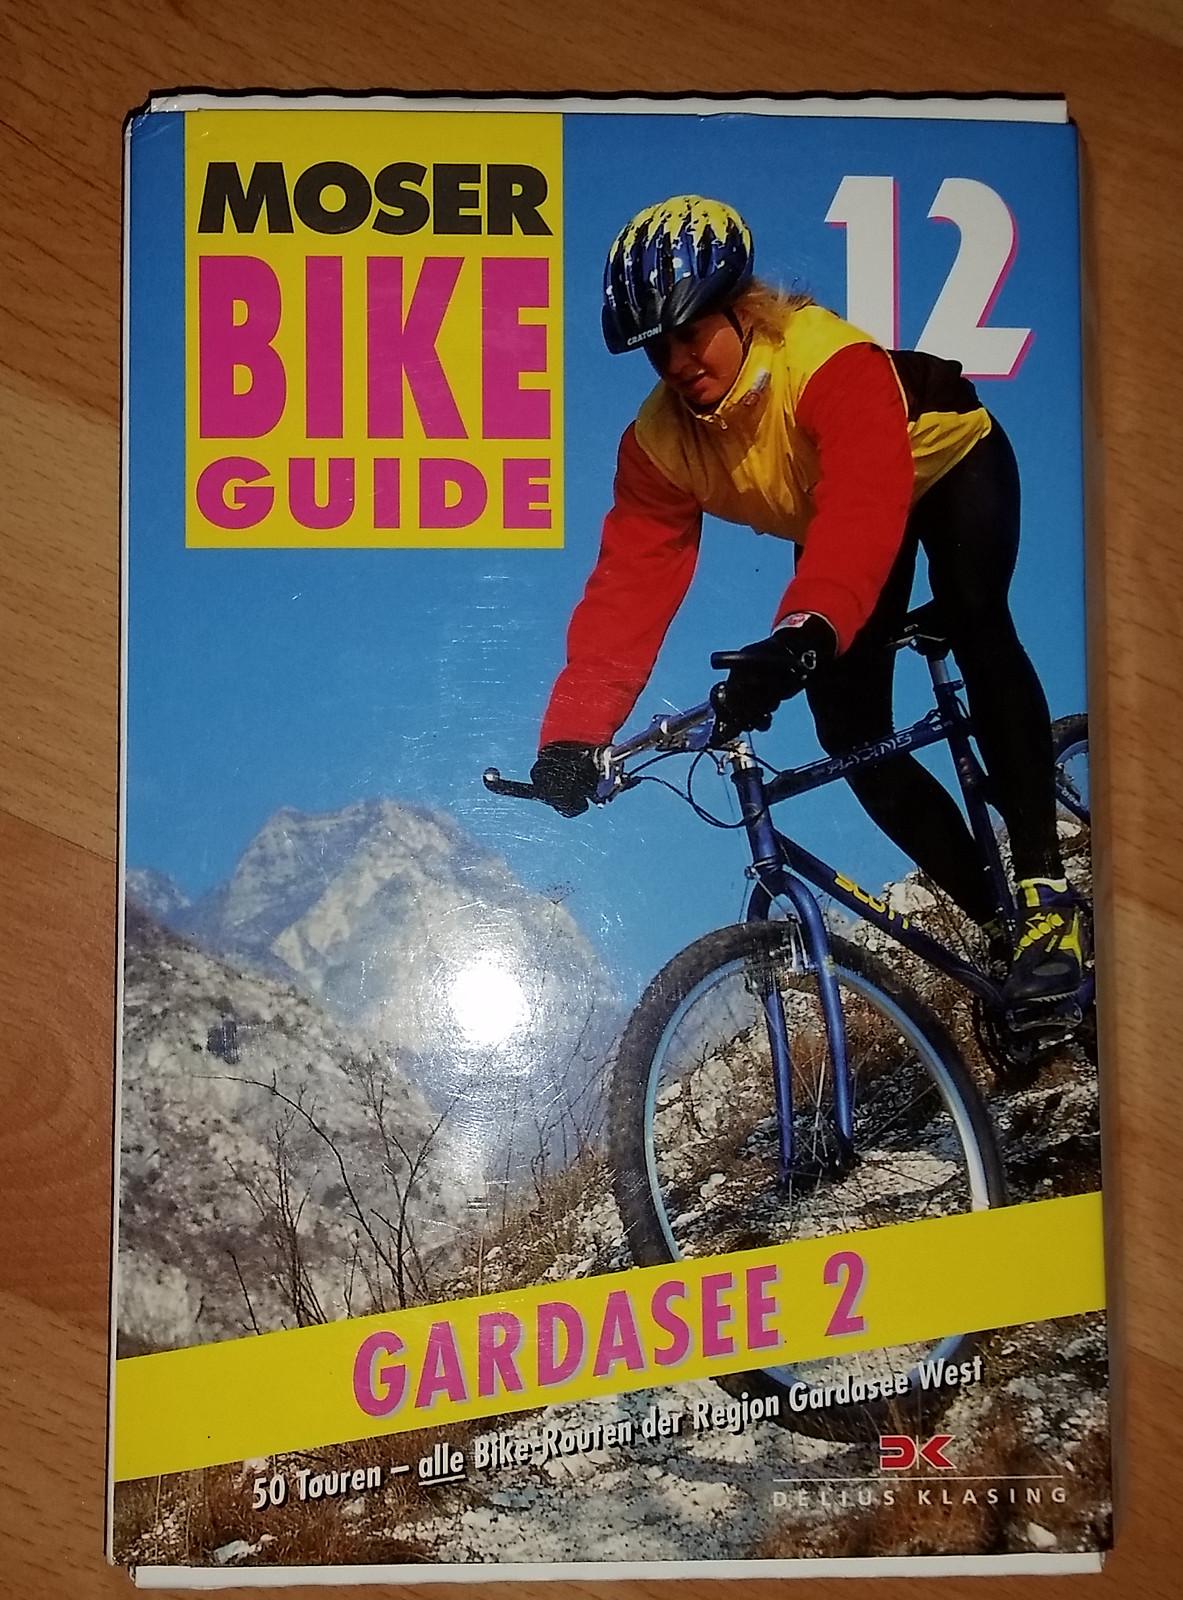 delius klasing verlag gardasee 2 moser bike guide 12 bikemarkt mtb. Black Bedroom Furniture Sets. Home Design Ideas